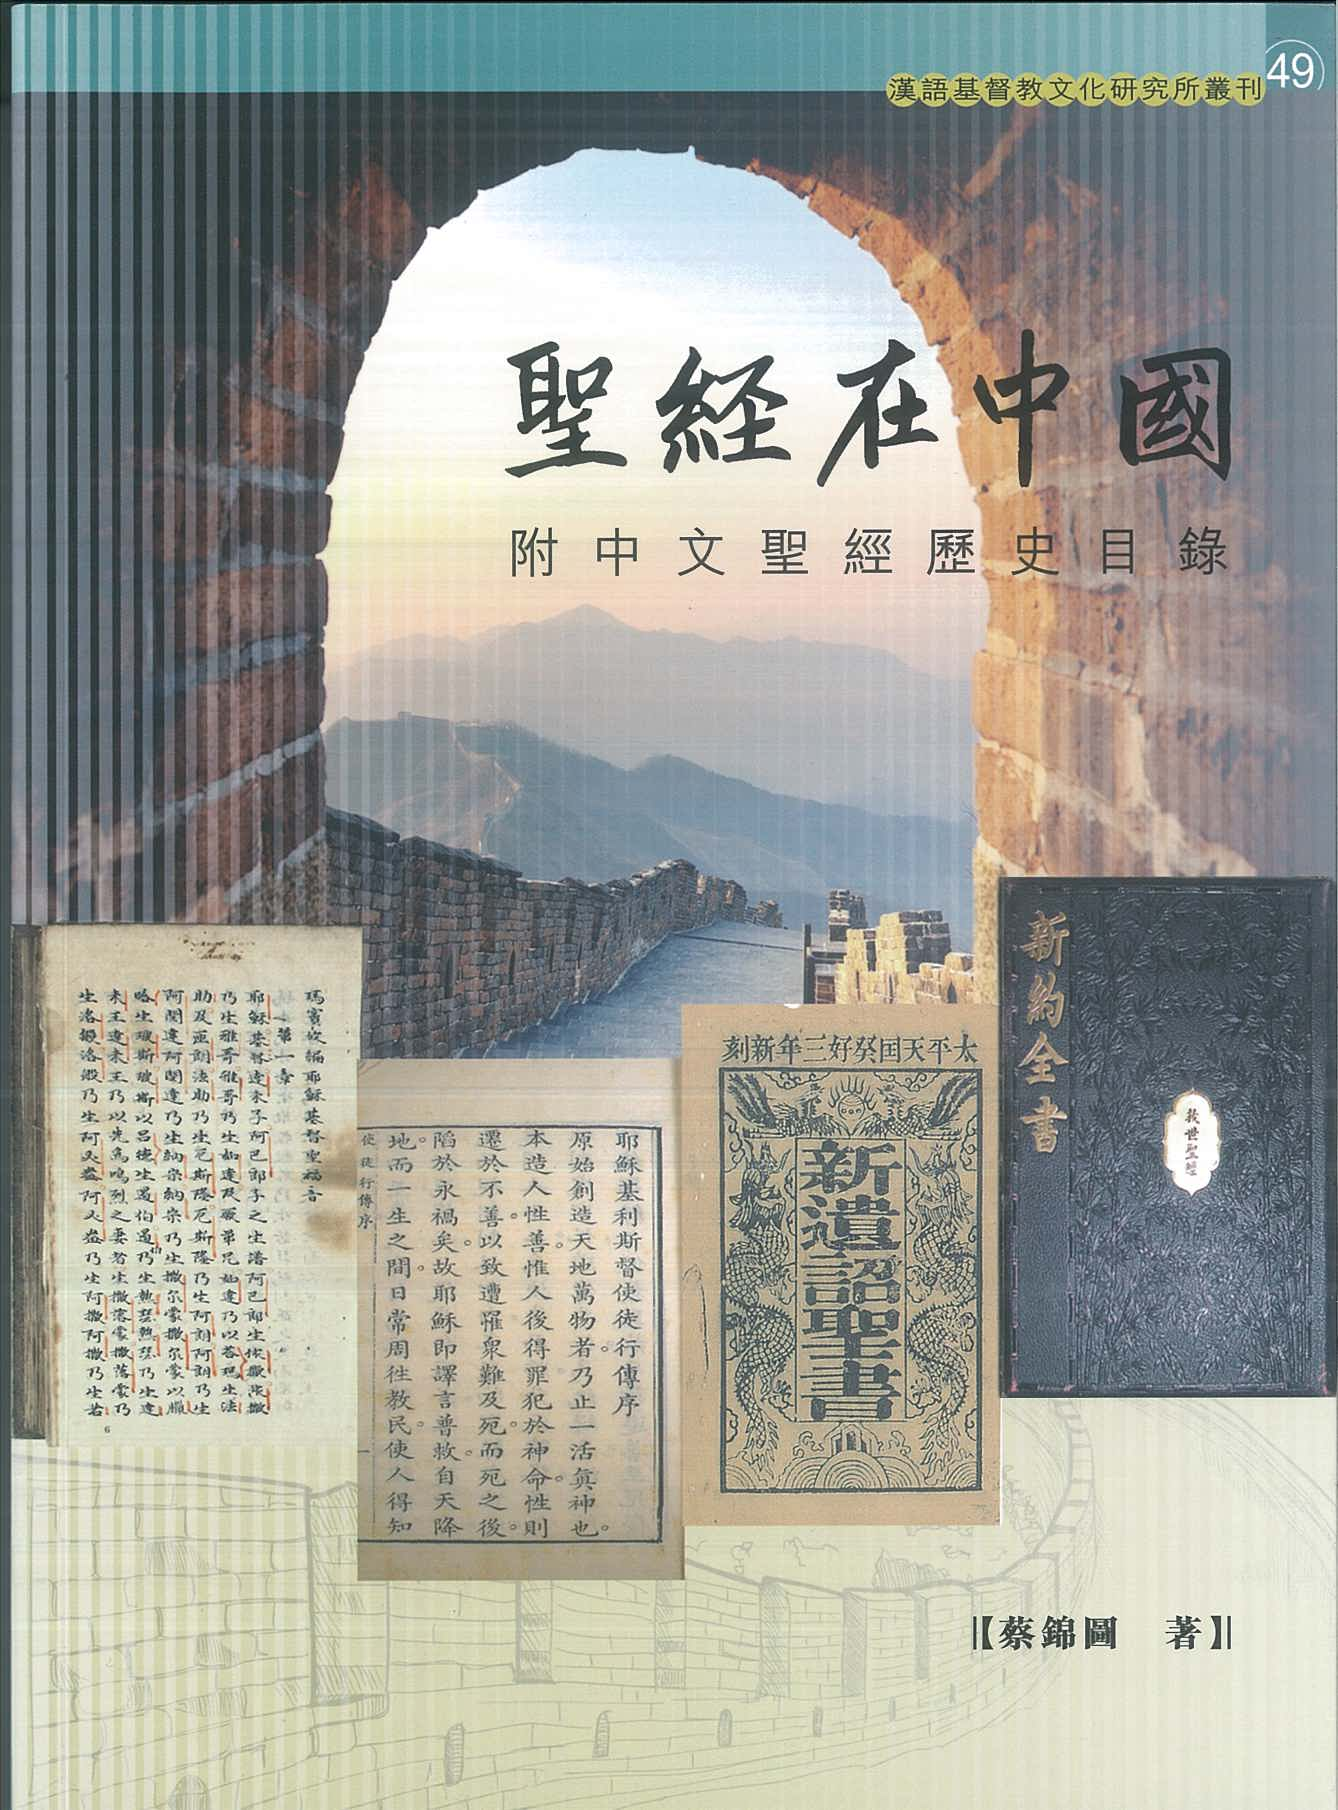 蔡錦圖:《聖經在中國——附中文聖經歷史目錄》(2018)